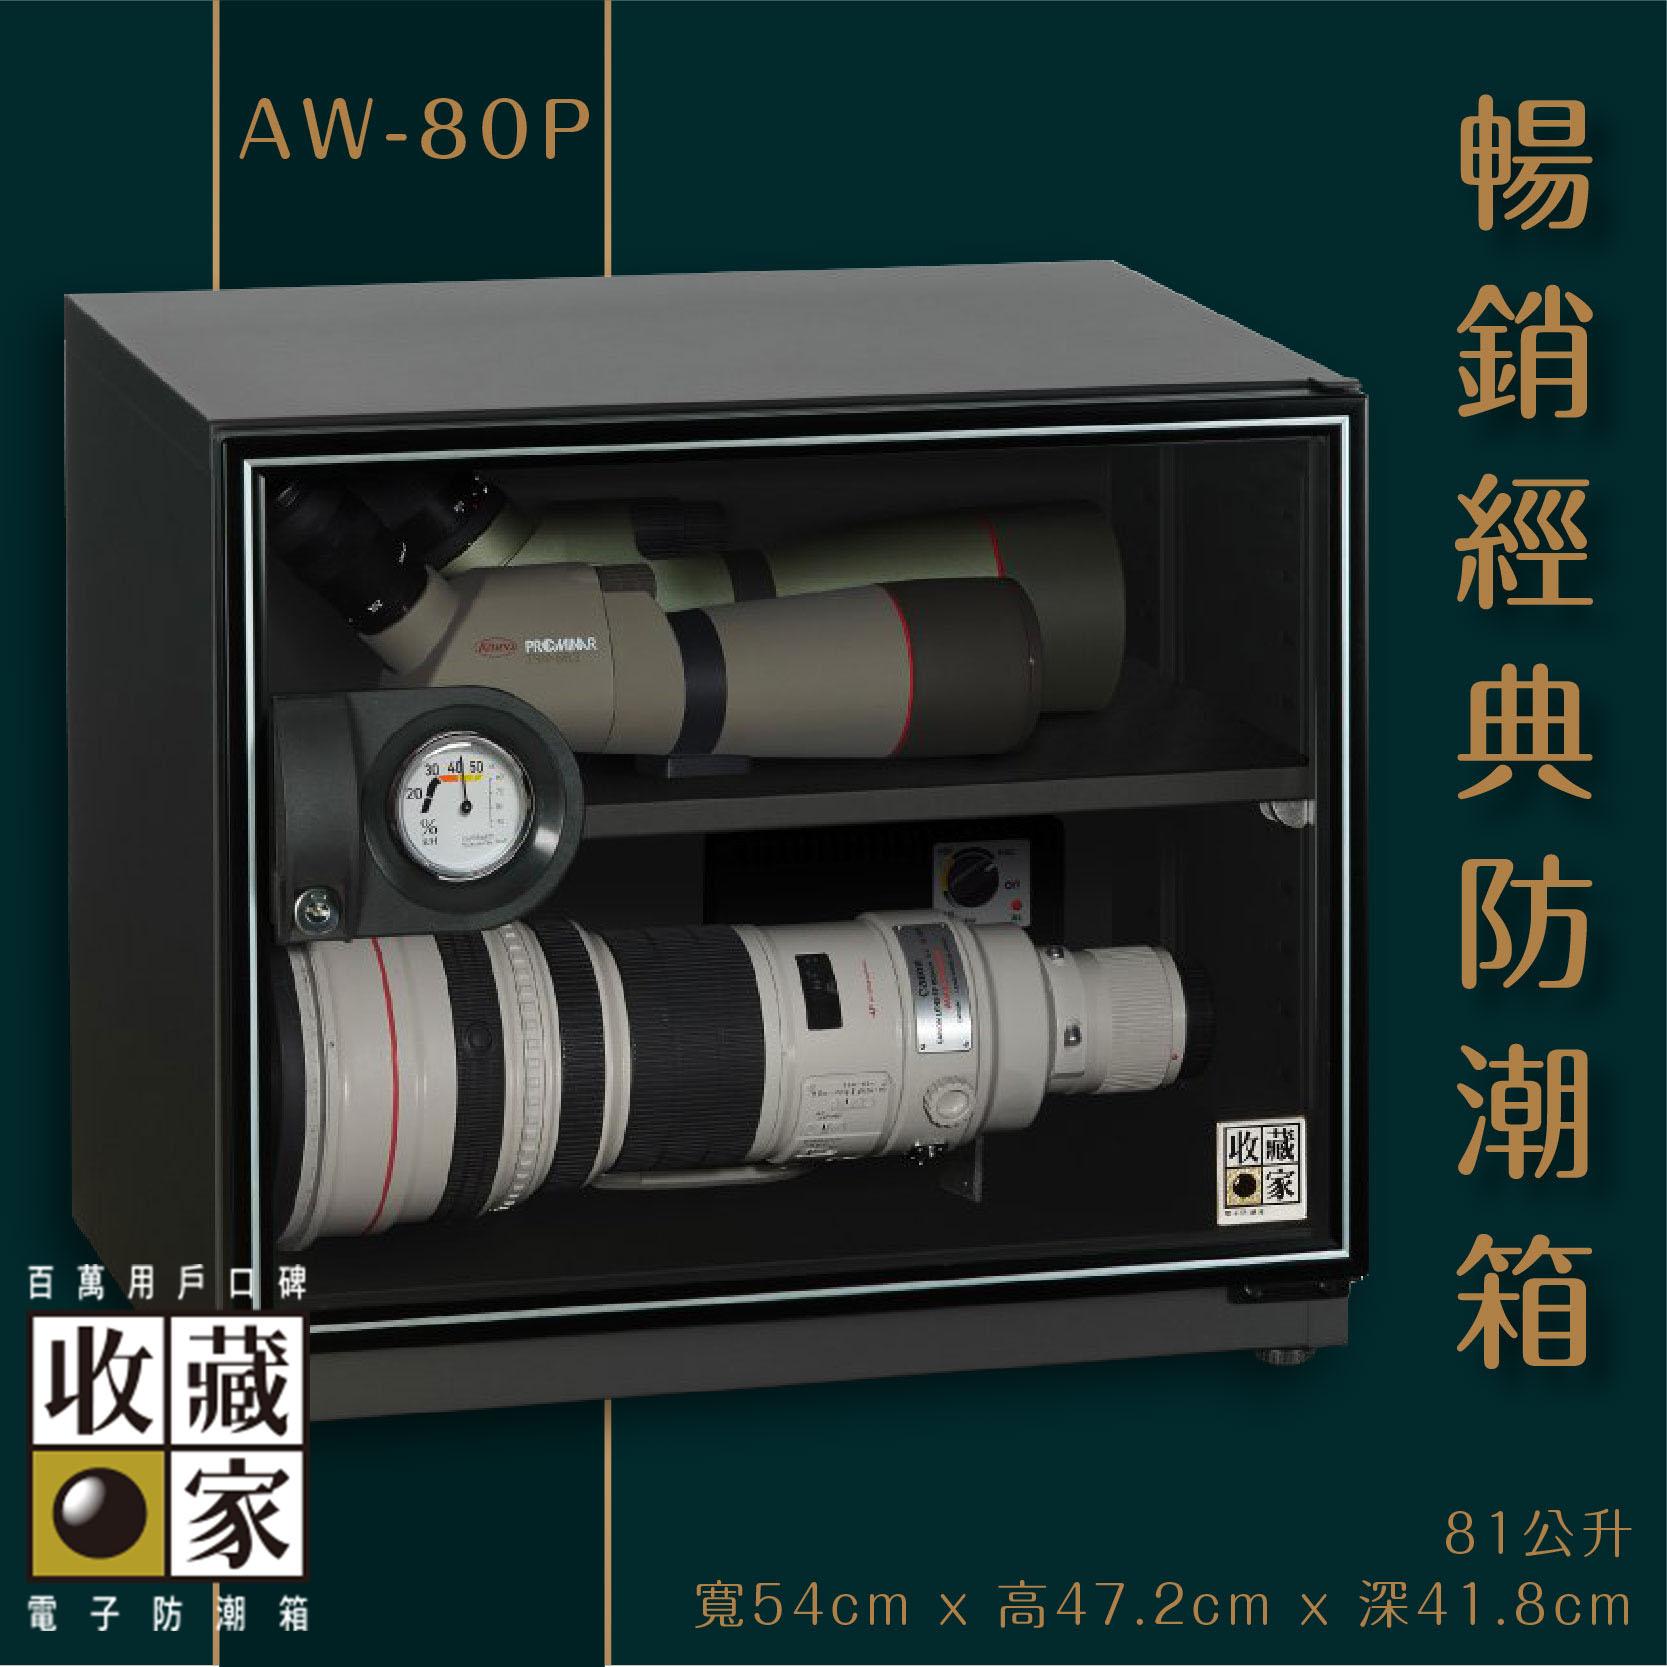 收藏家 AW-80P 暢銷經典防潮箱 81公升國民機 長鏡頭保養最佳機種 相機 鏡頭 相機數位電子保存 主機五年保固